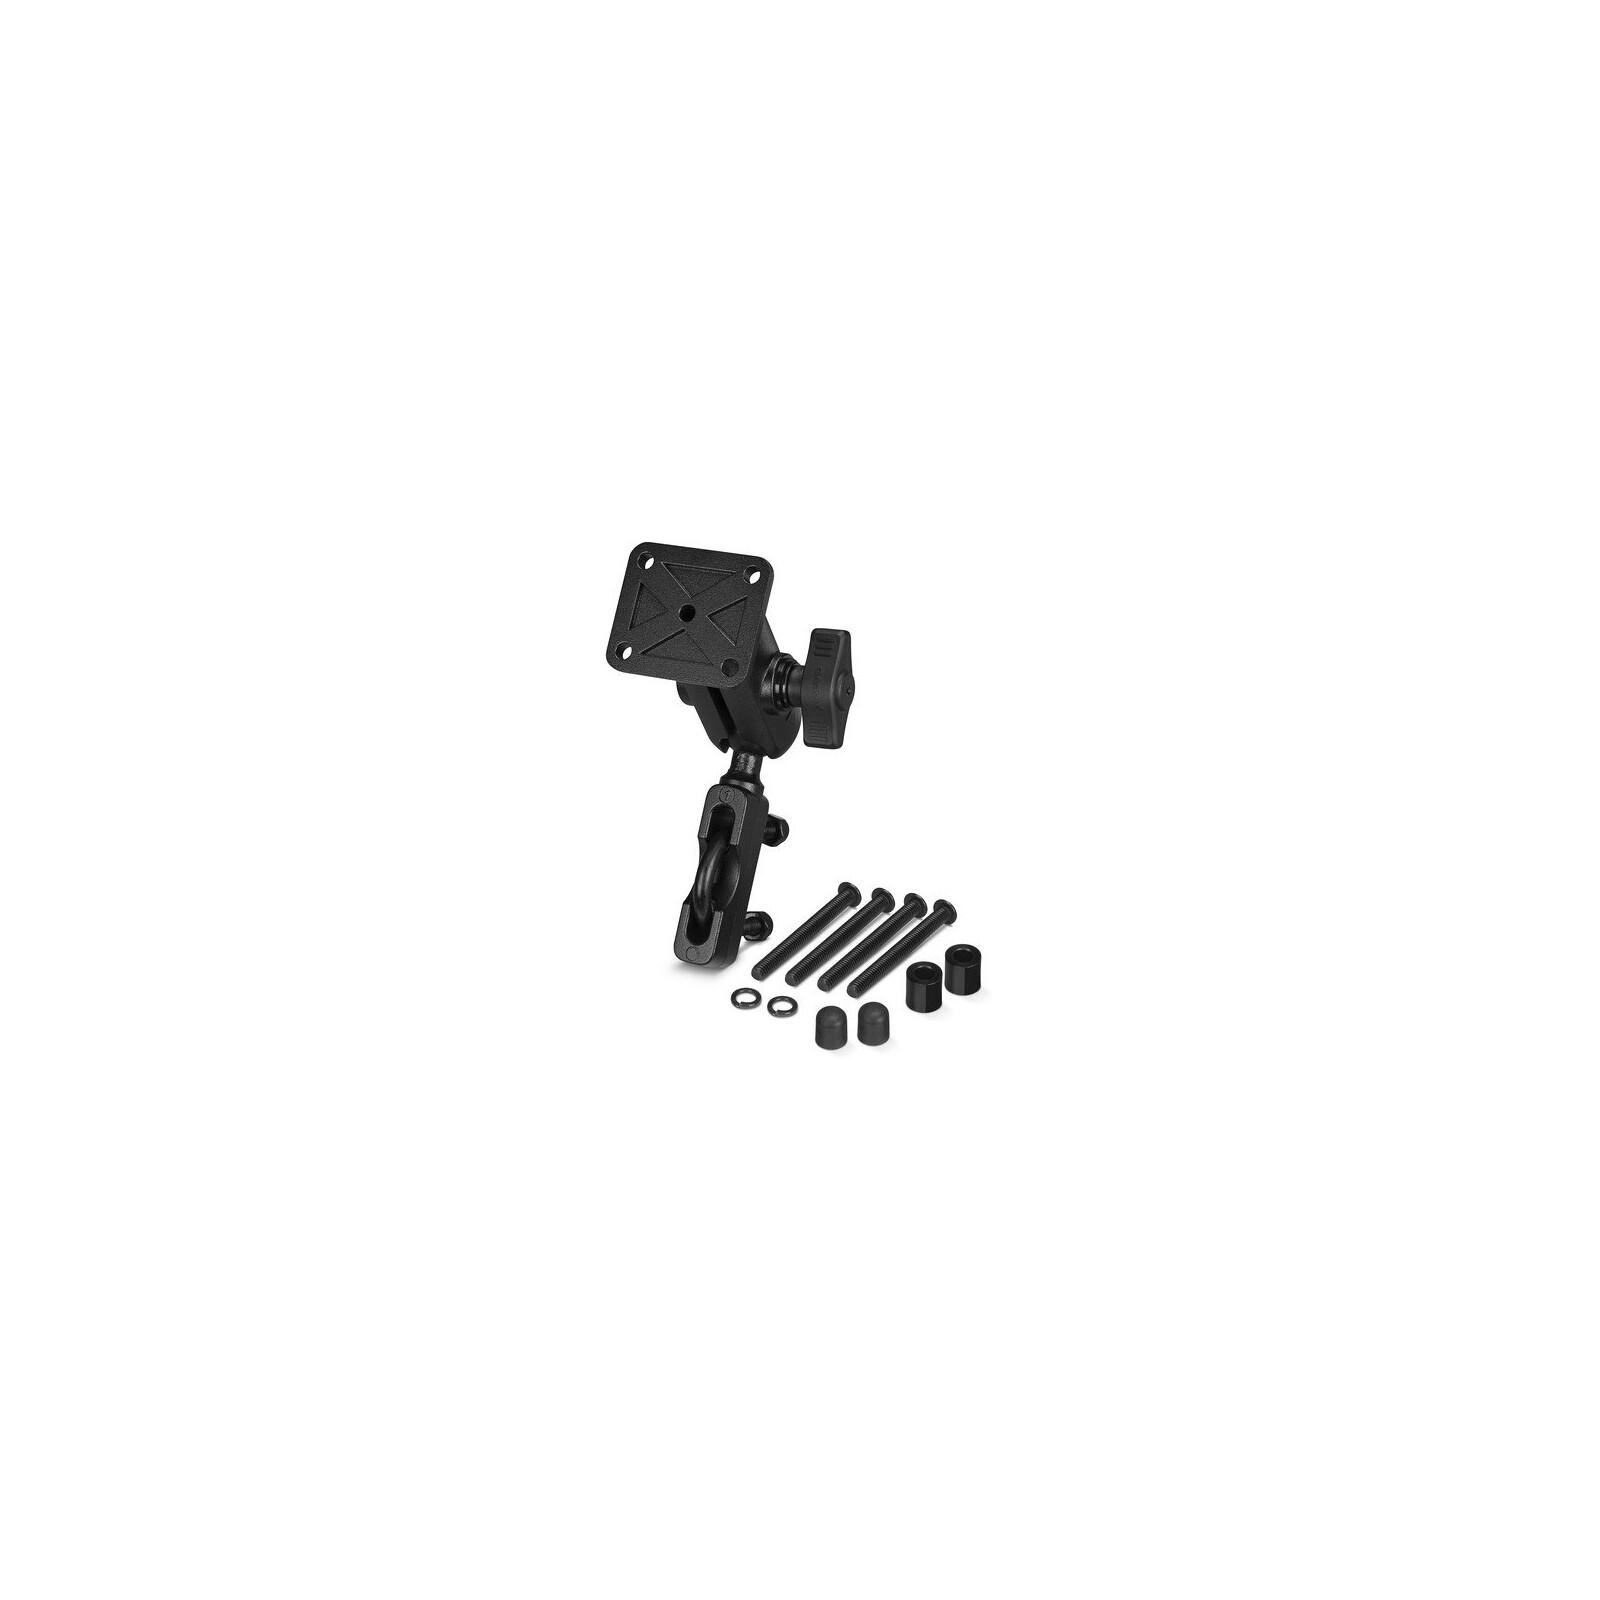 Garmin Zumo 595 Lenkerhalterungskit